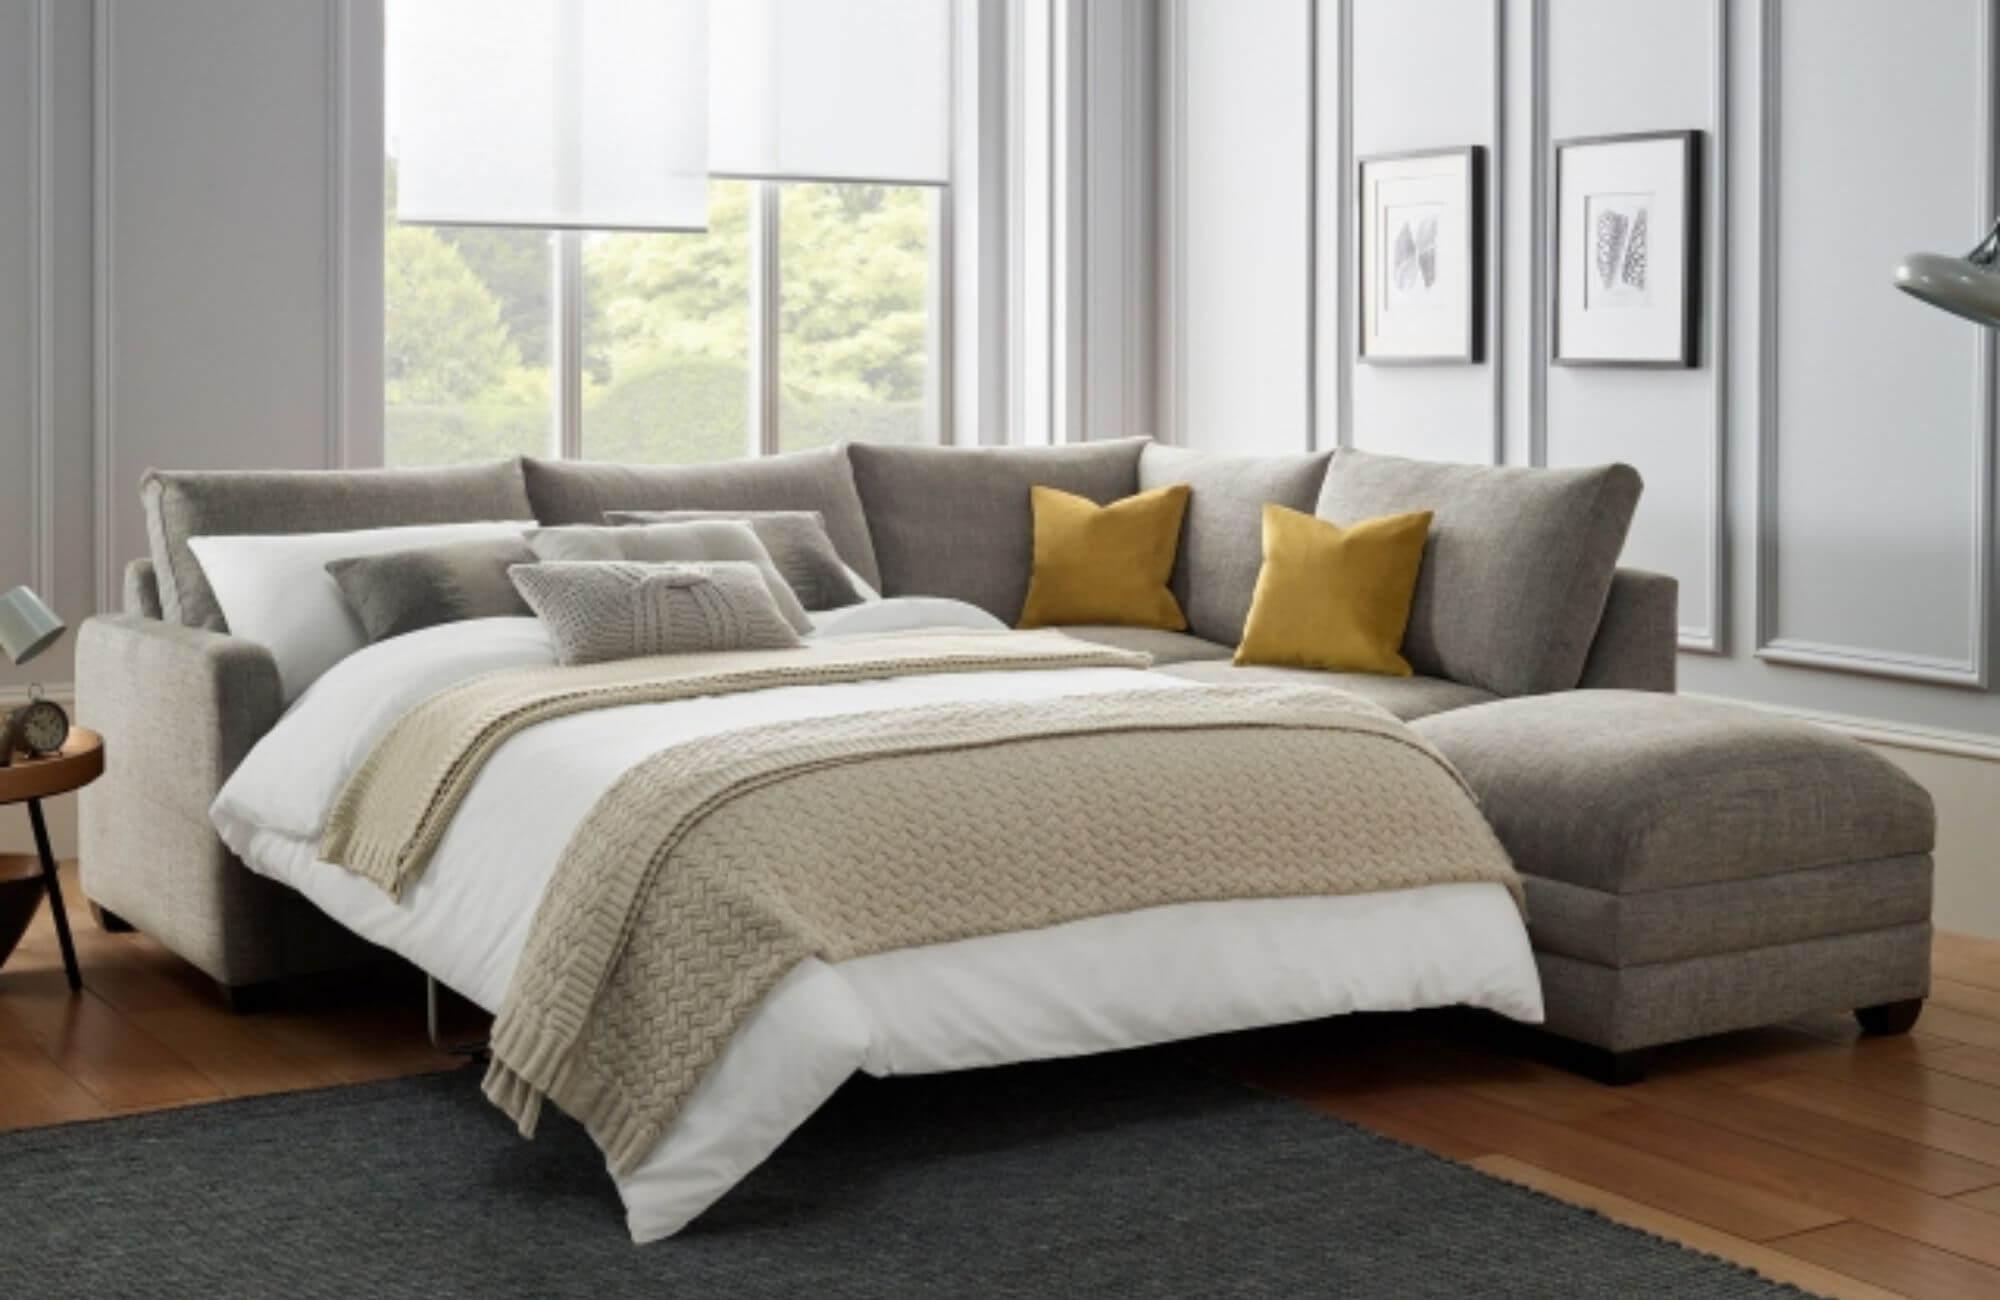 Zest corner sofa bed